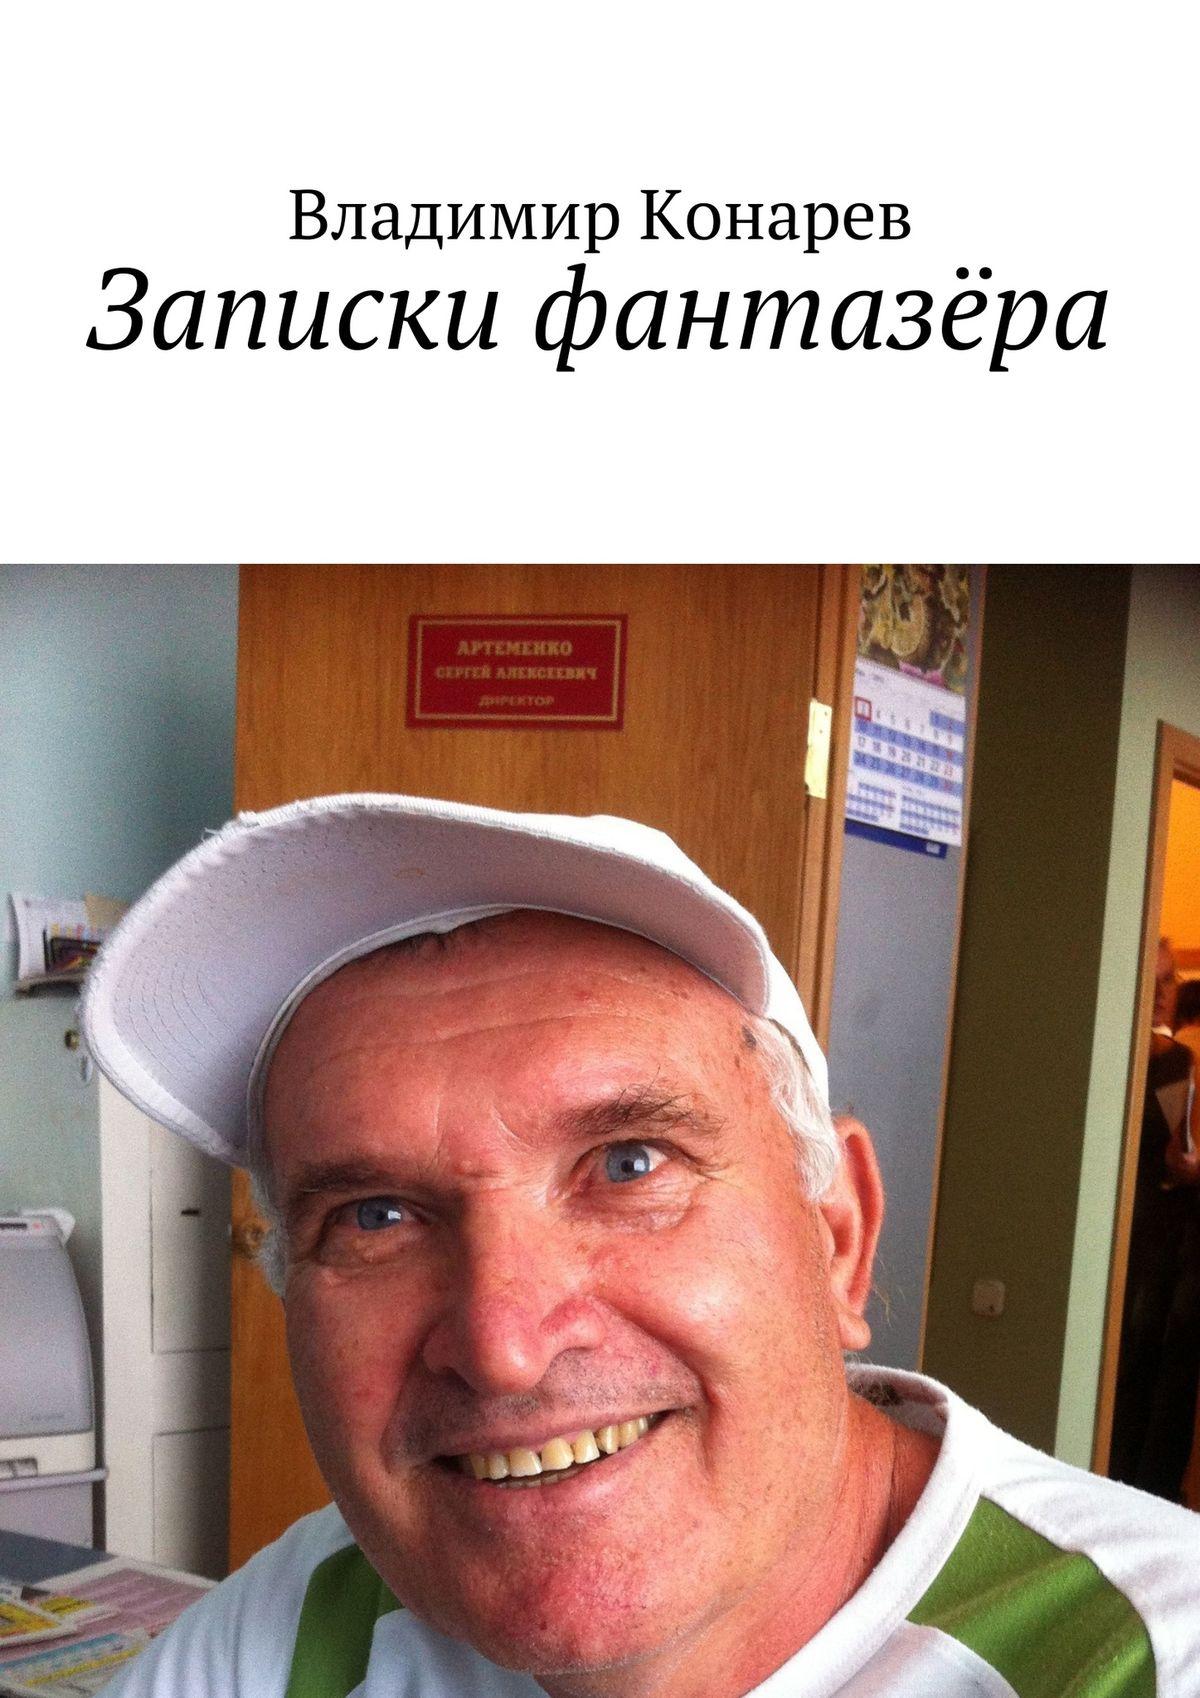 Владимир Конарев Записки фантазёра компьютер